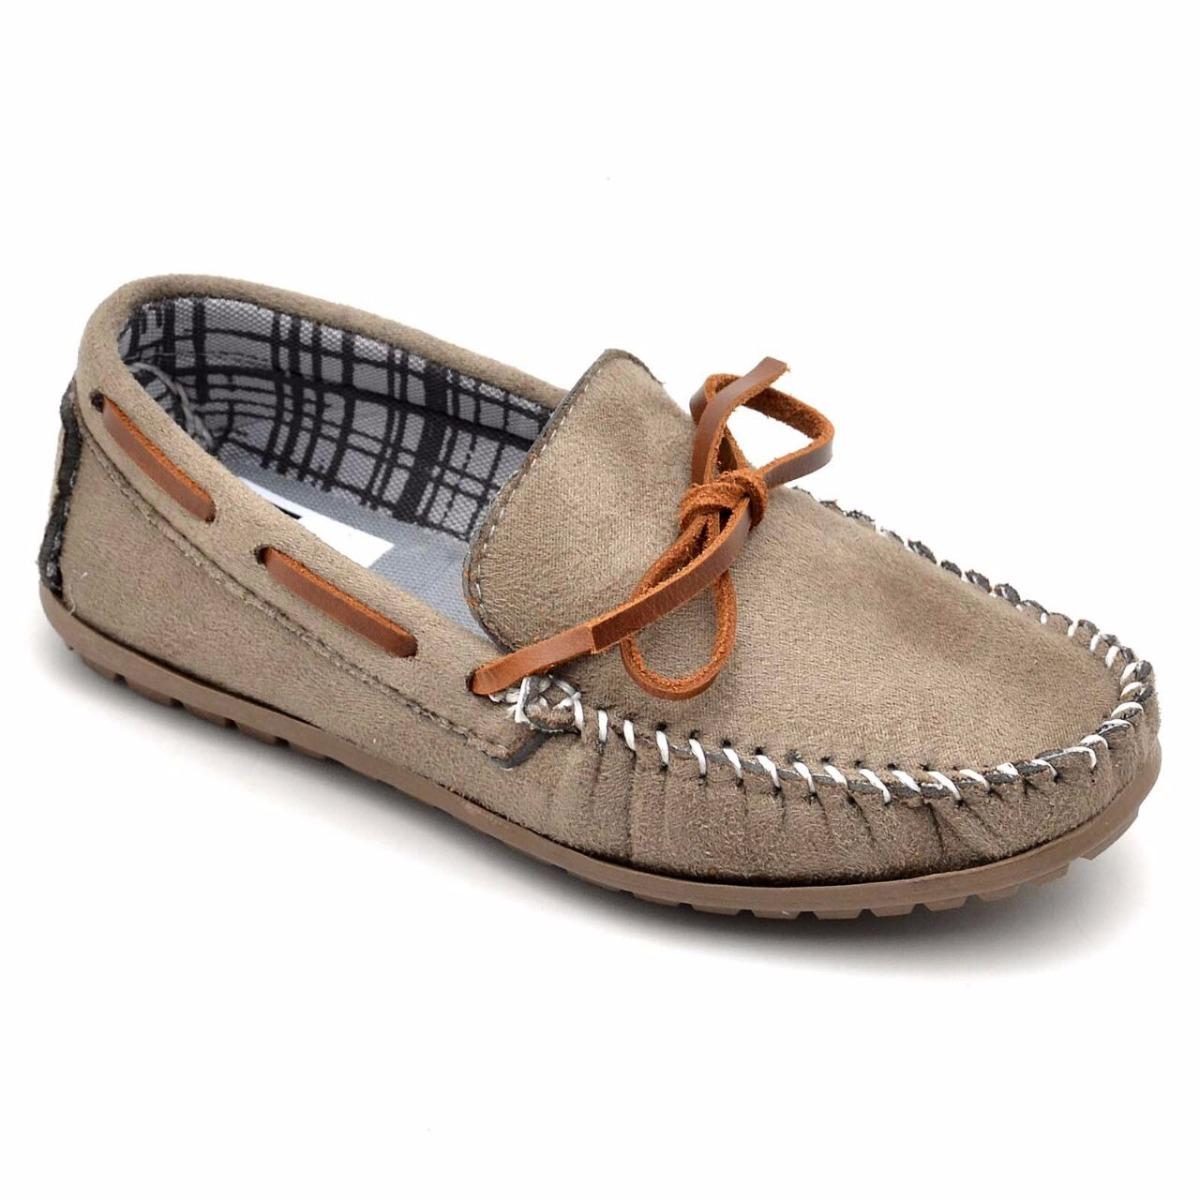 3126def0e8 sapato mocassim infantil esporte 100% camurça kids junior. Carregando zoom.